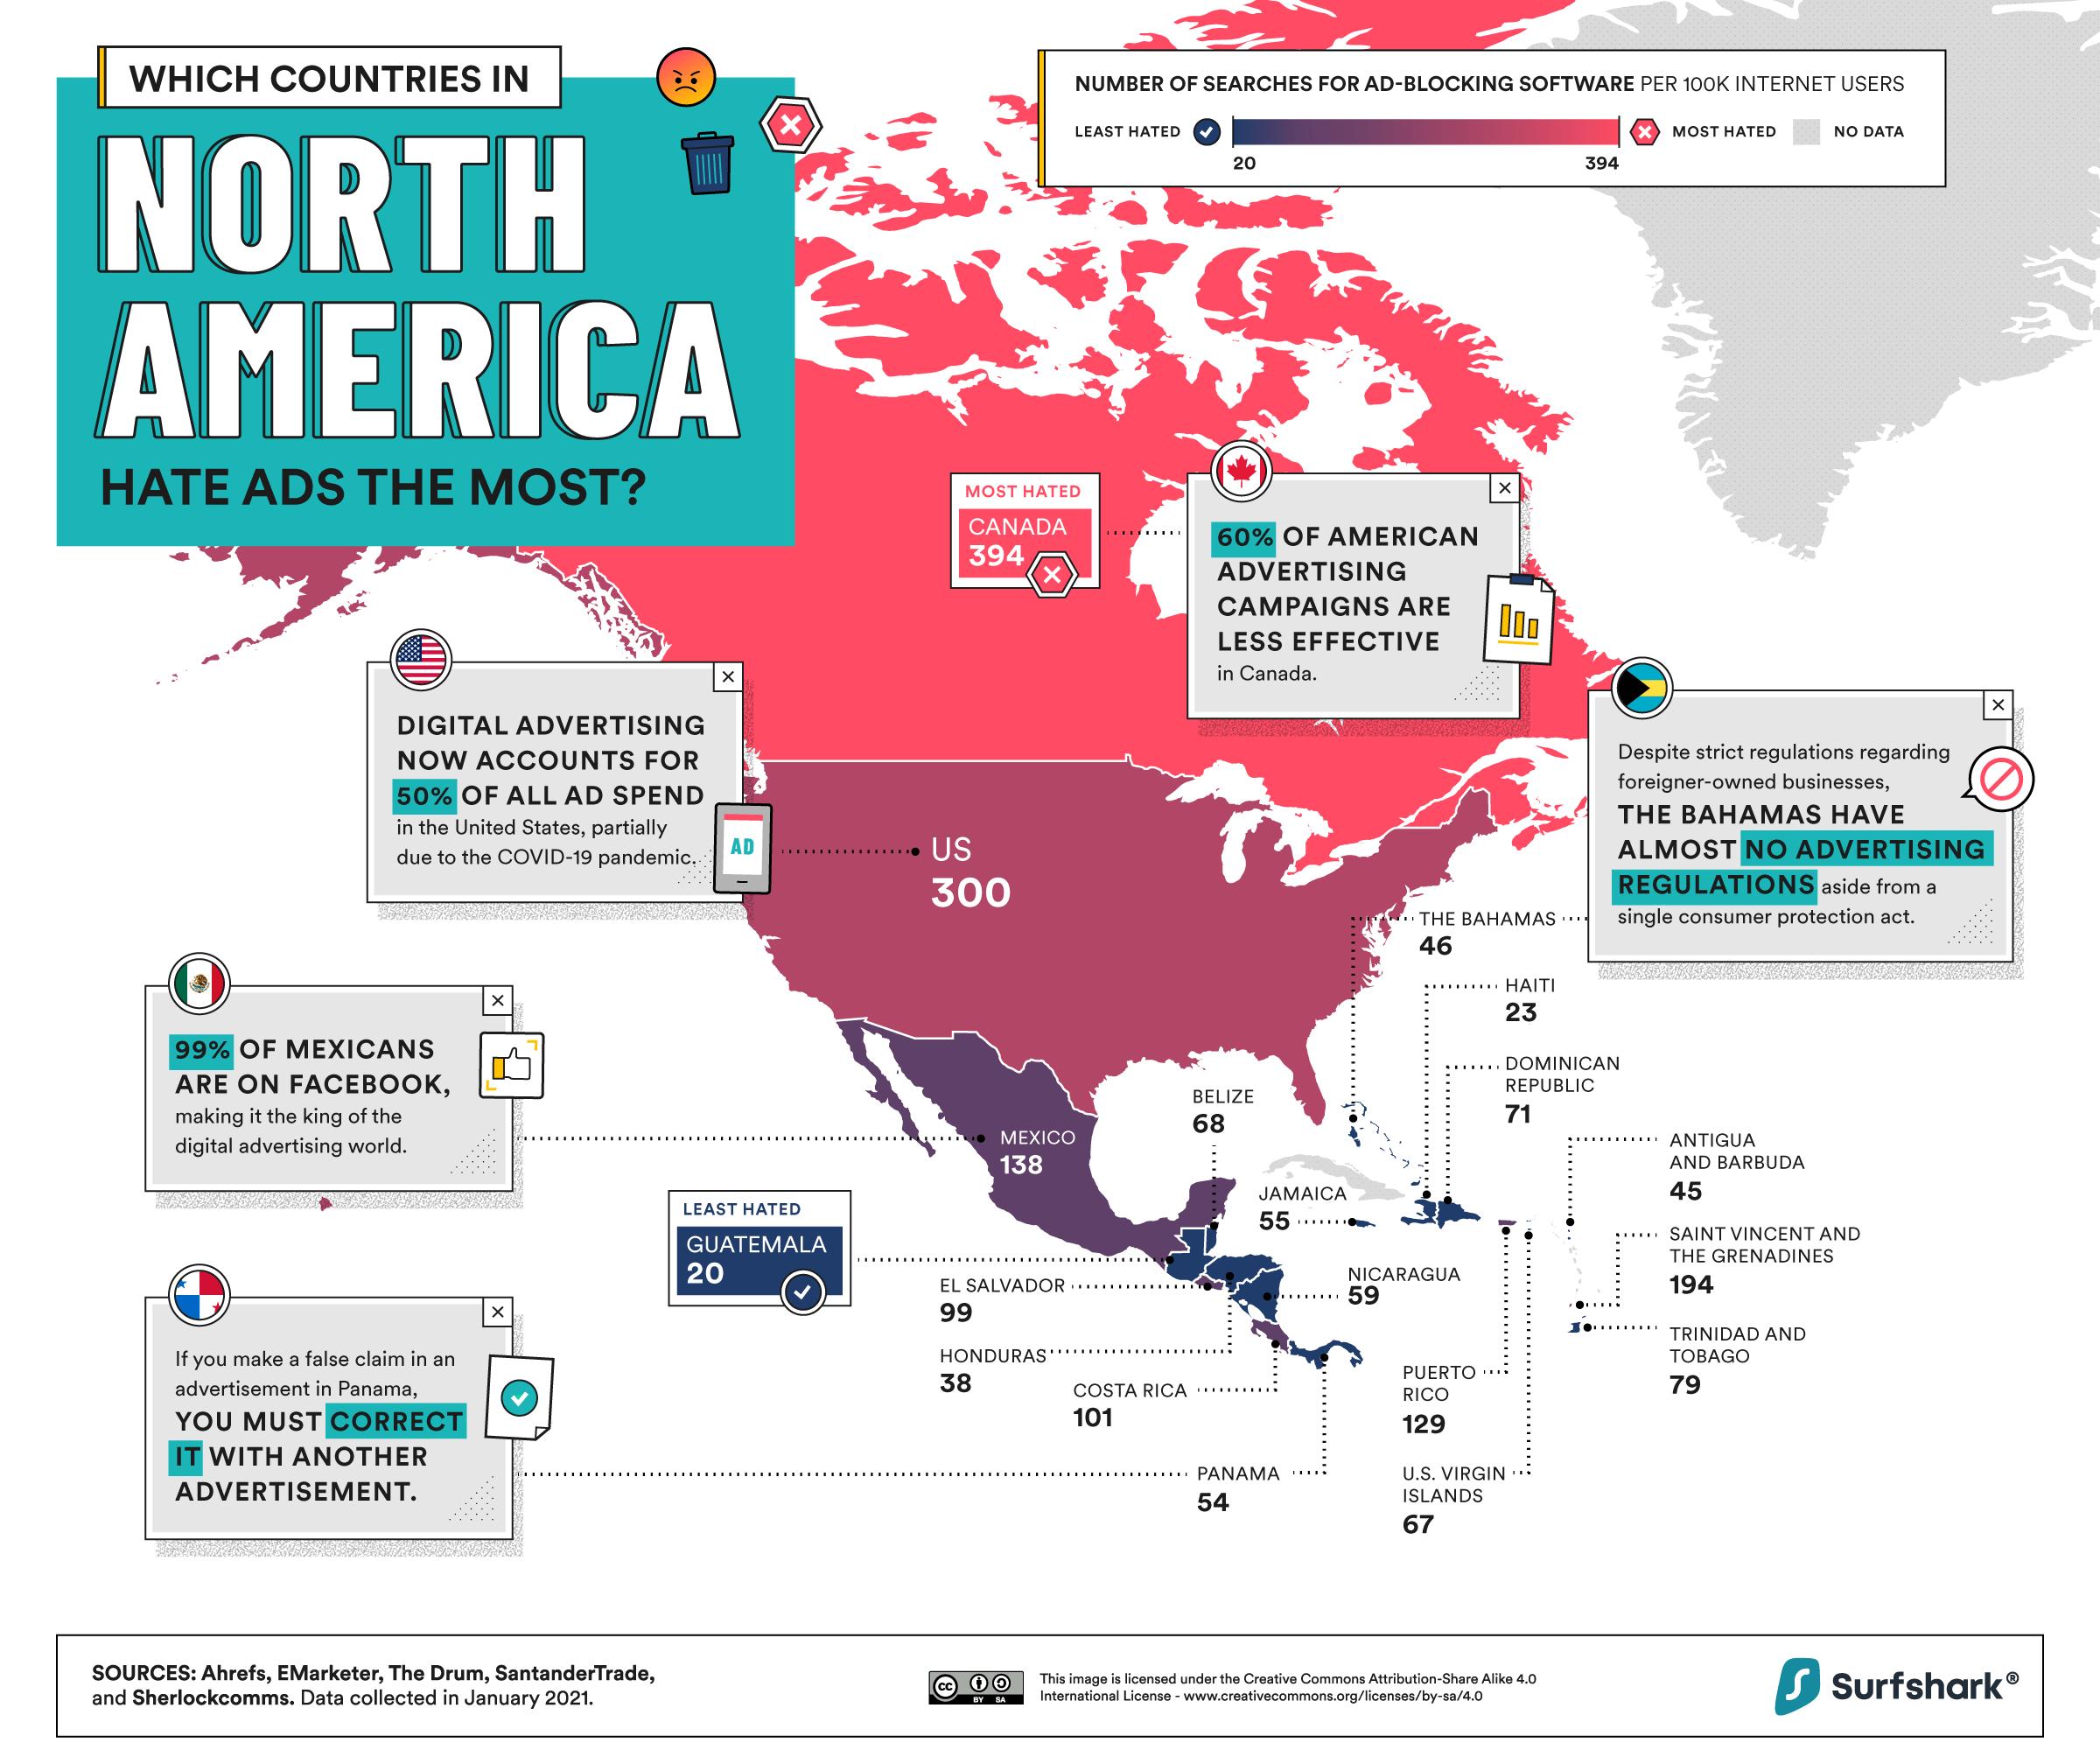 Los canadienses viven buscando bloquear los anuncios online